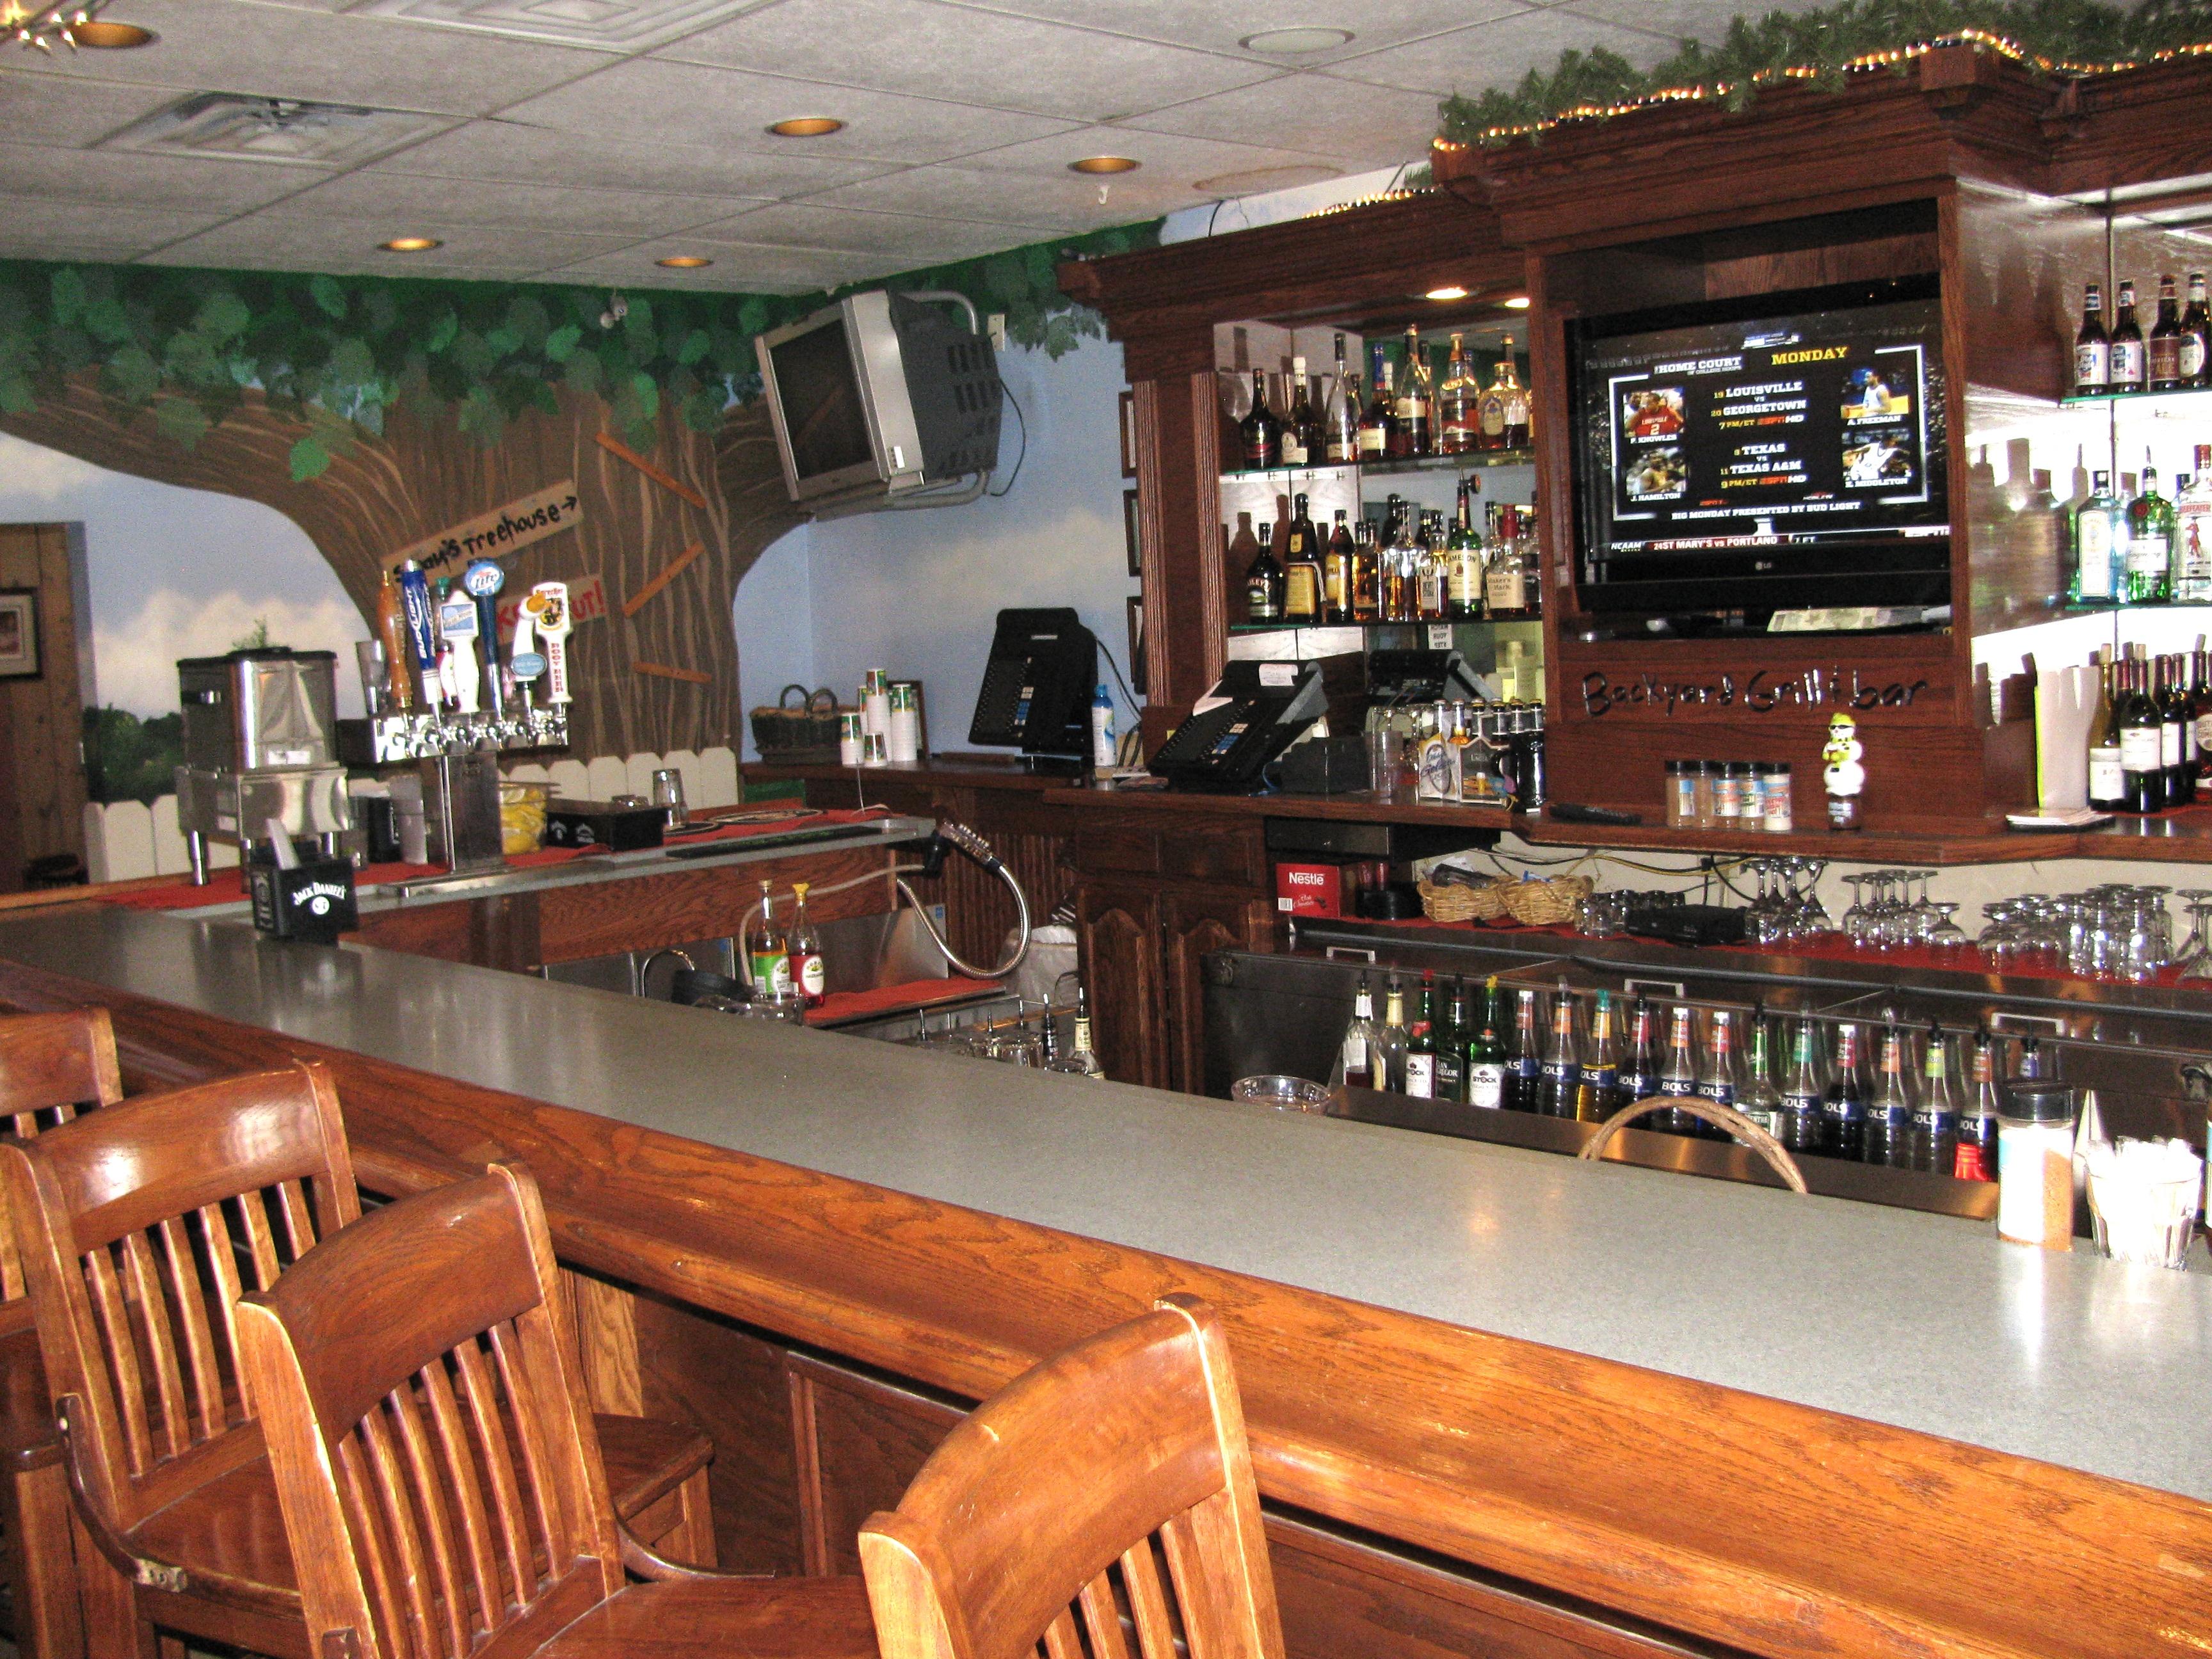 Backyard Grill and Bar Roscoe, Ill – Bar Area